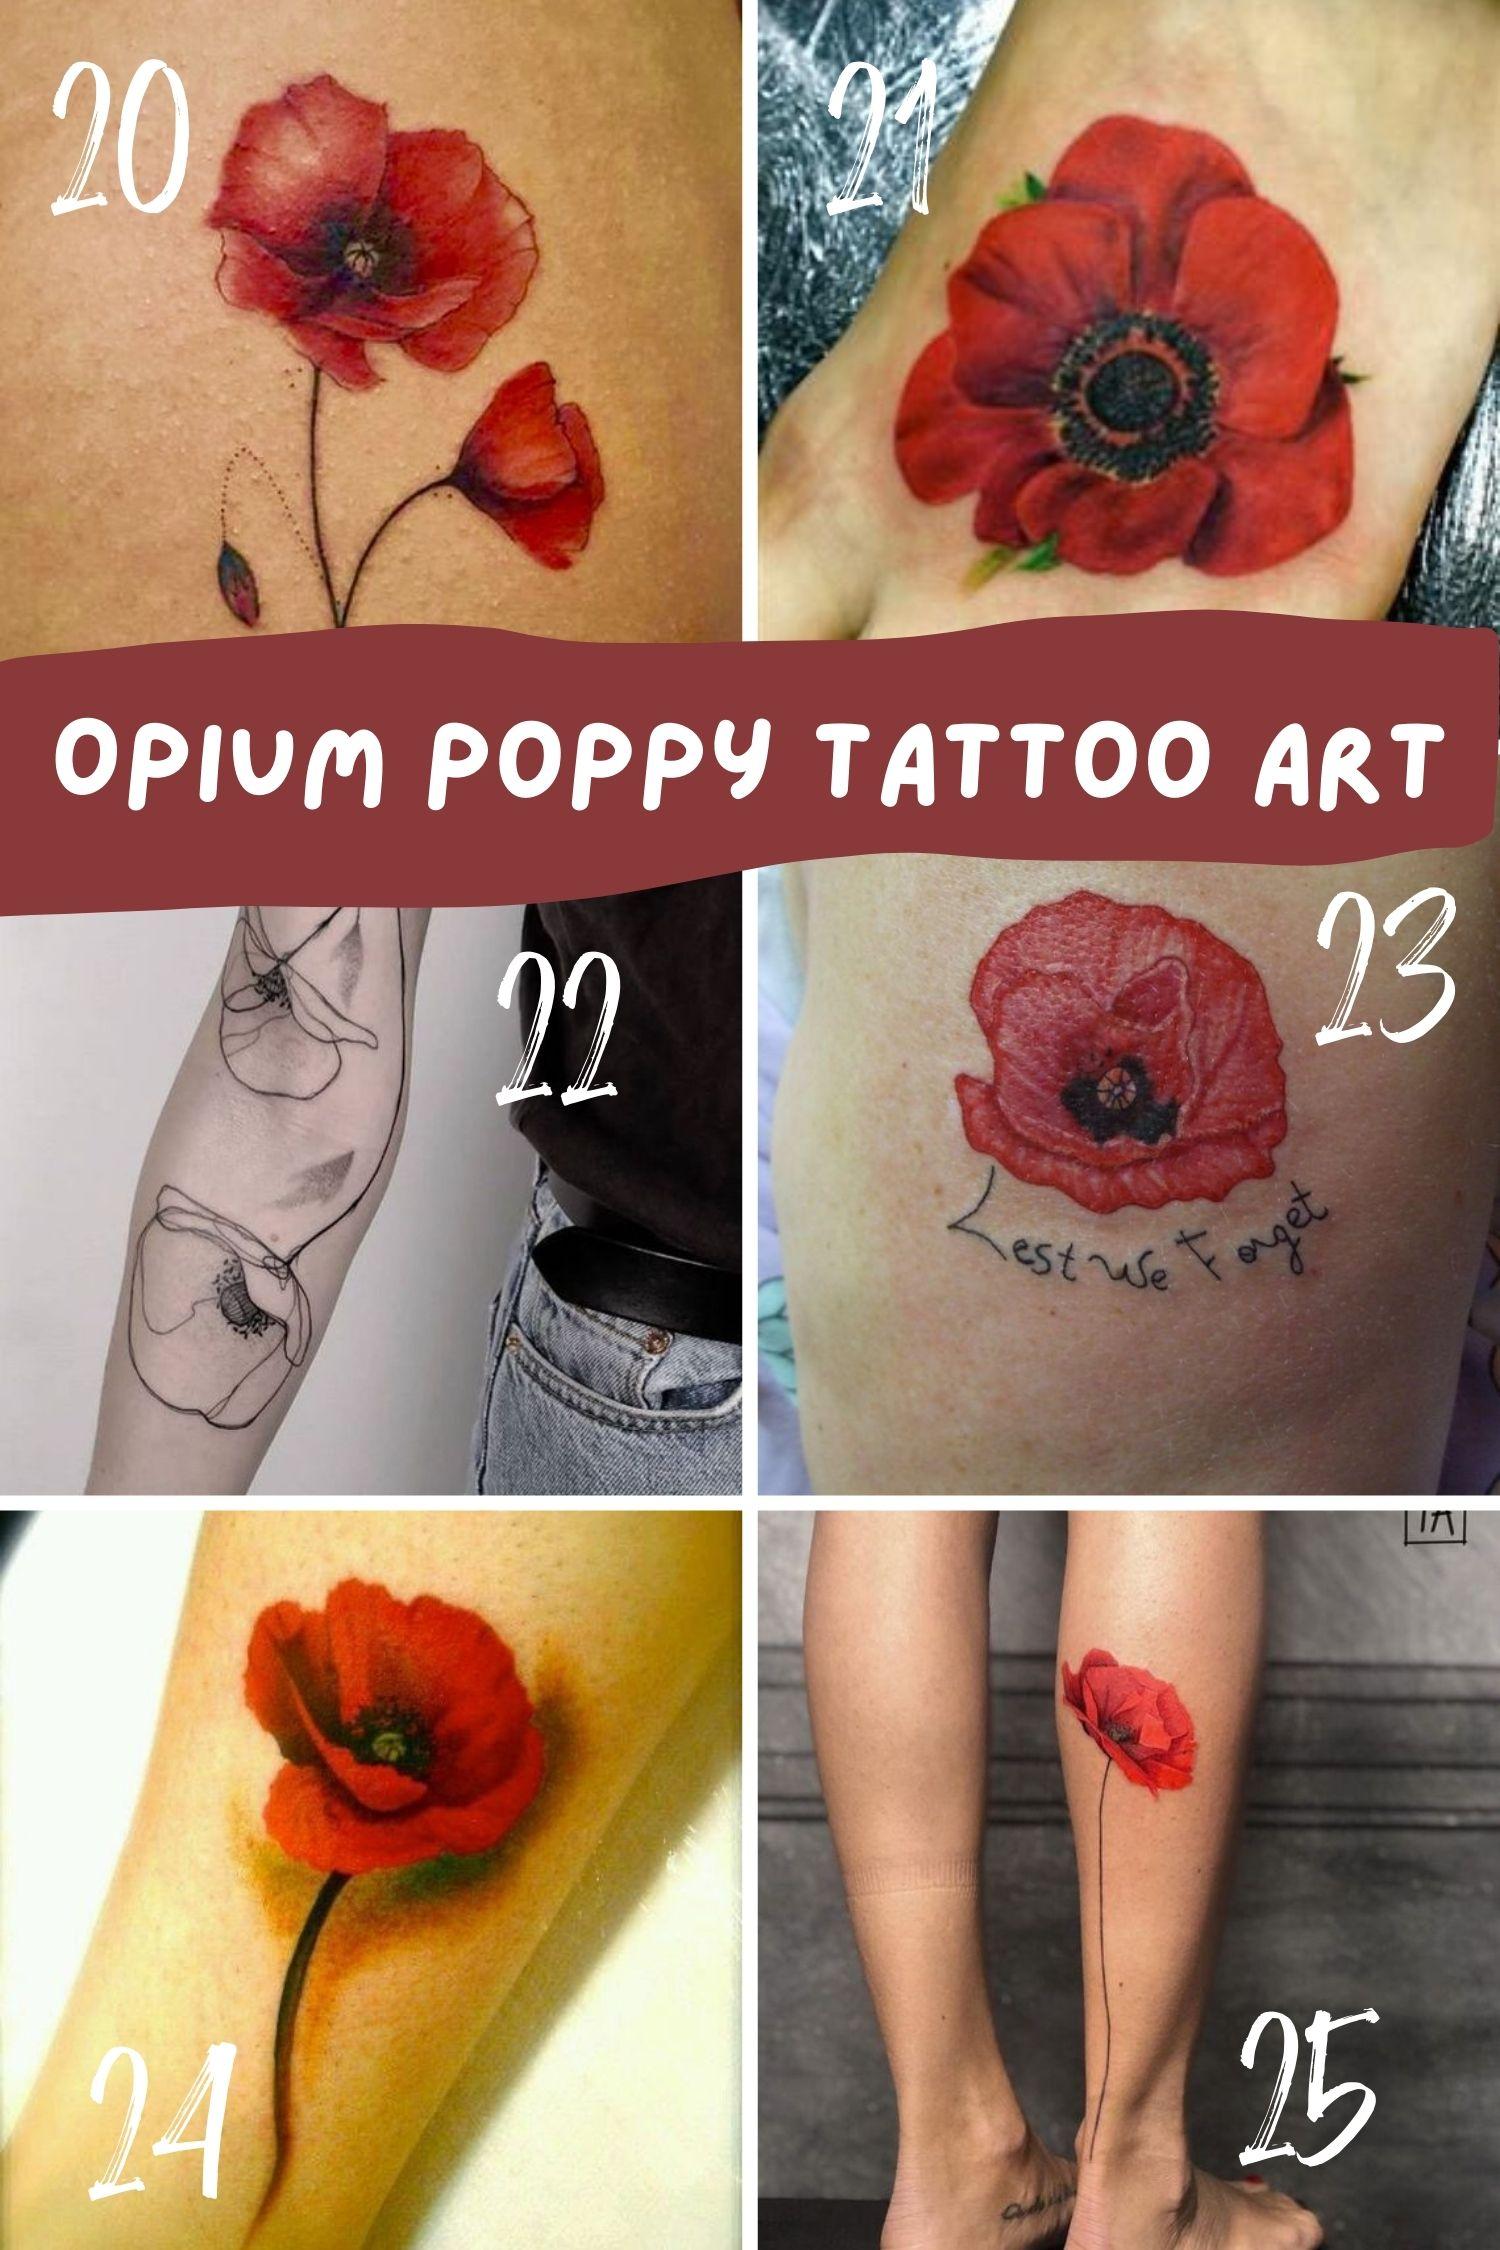 Opium Tattoo Ideas for Women